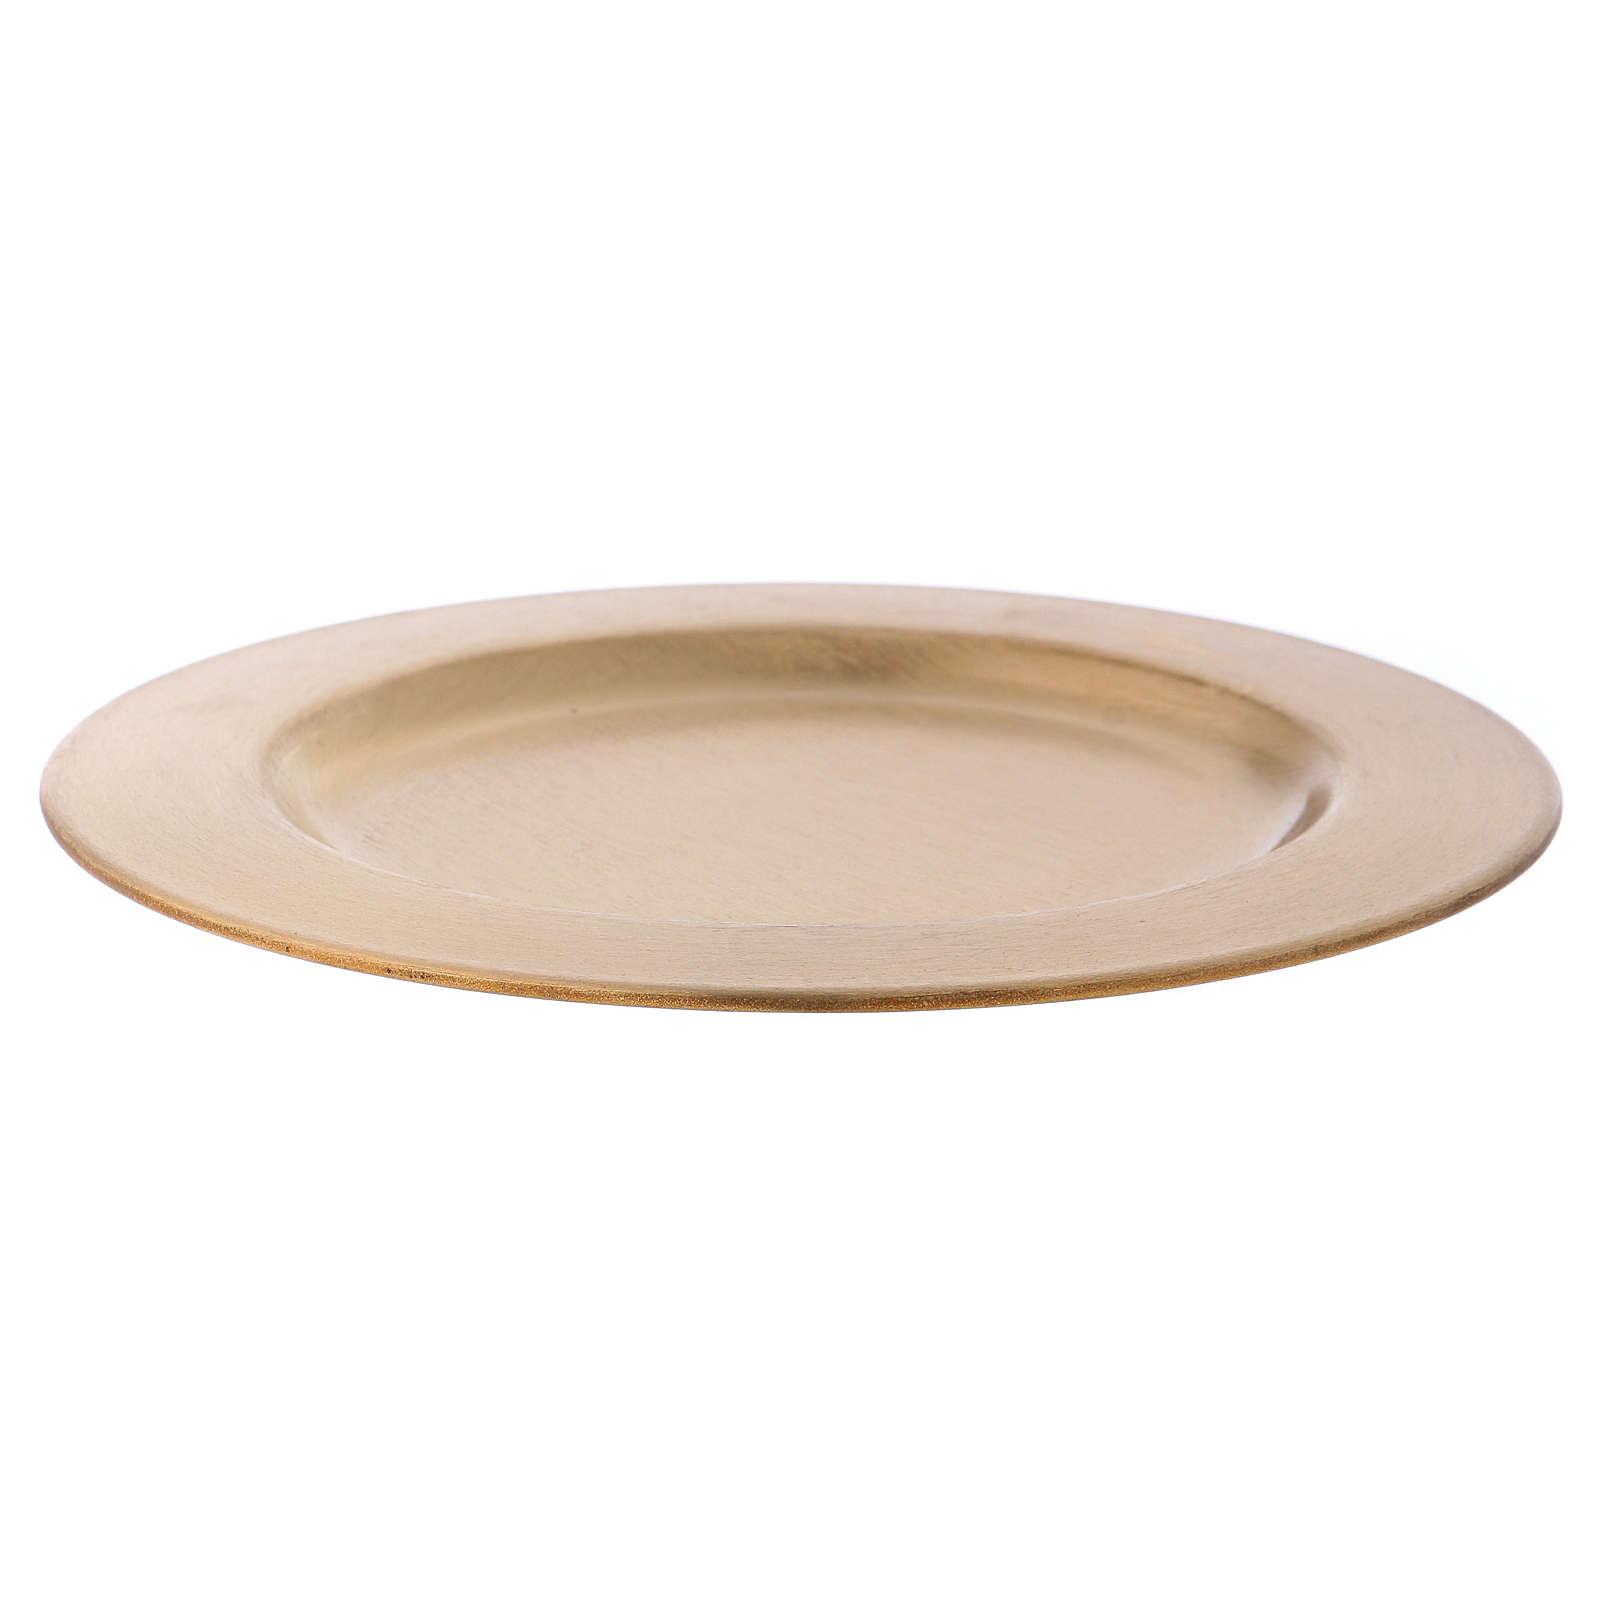 Plato portavela redondo de latón dorado d. 14 cm 3